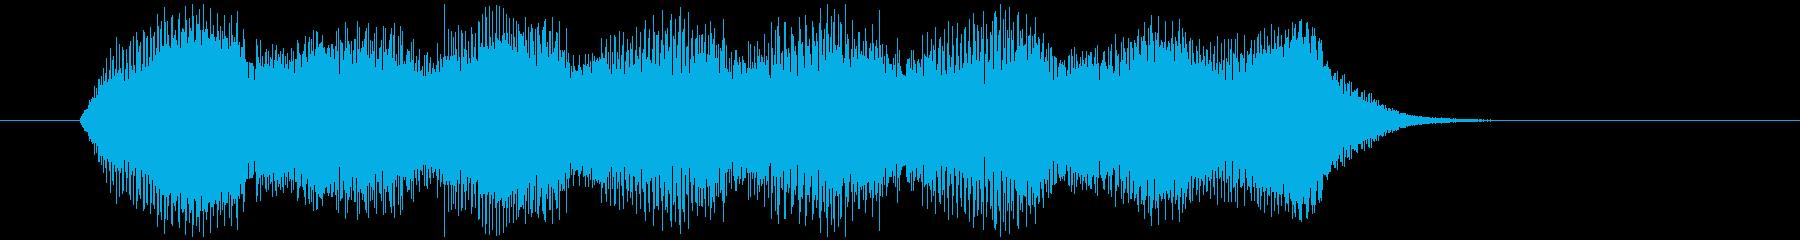 ゲームオーバー・絶望【オルガン】1の再生済みの波形